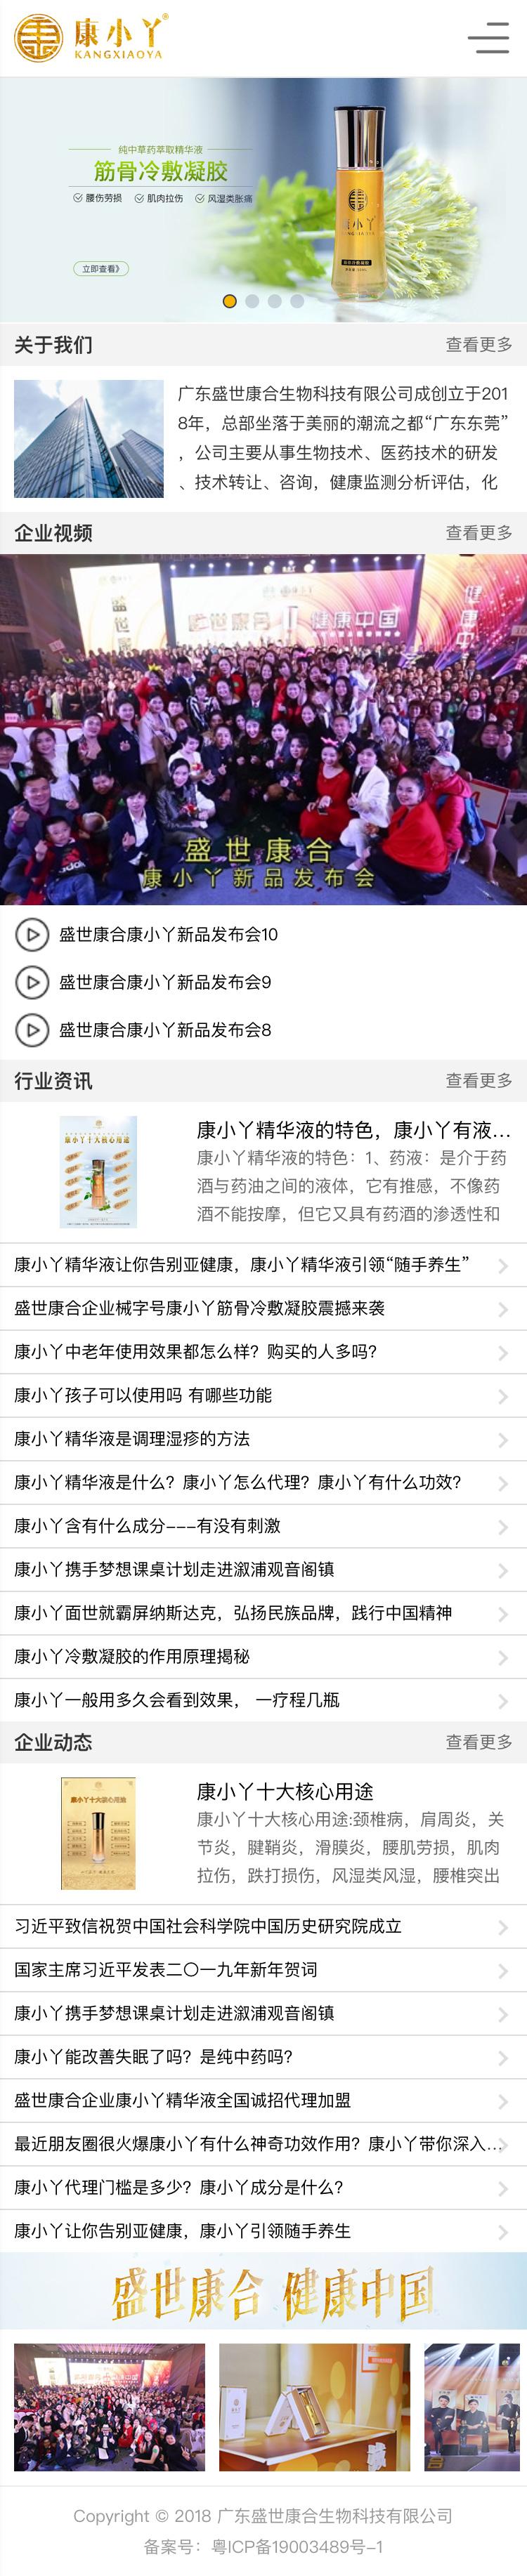 手机网站界面设计案例